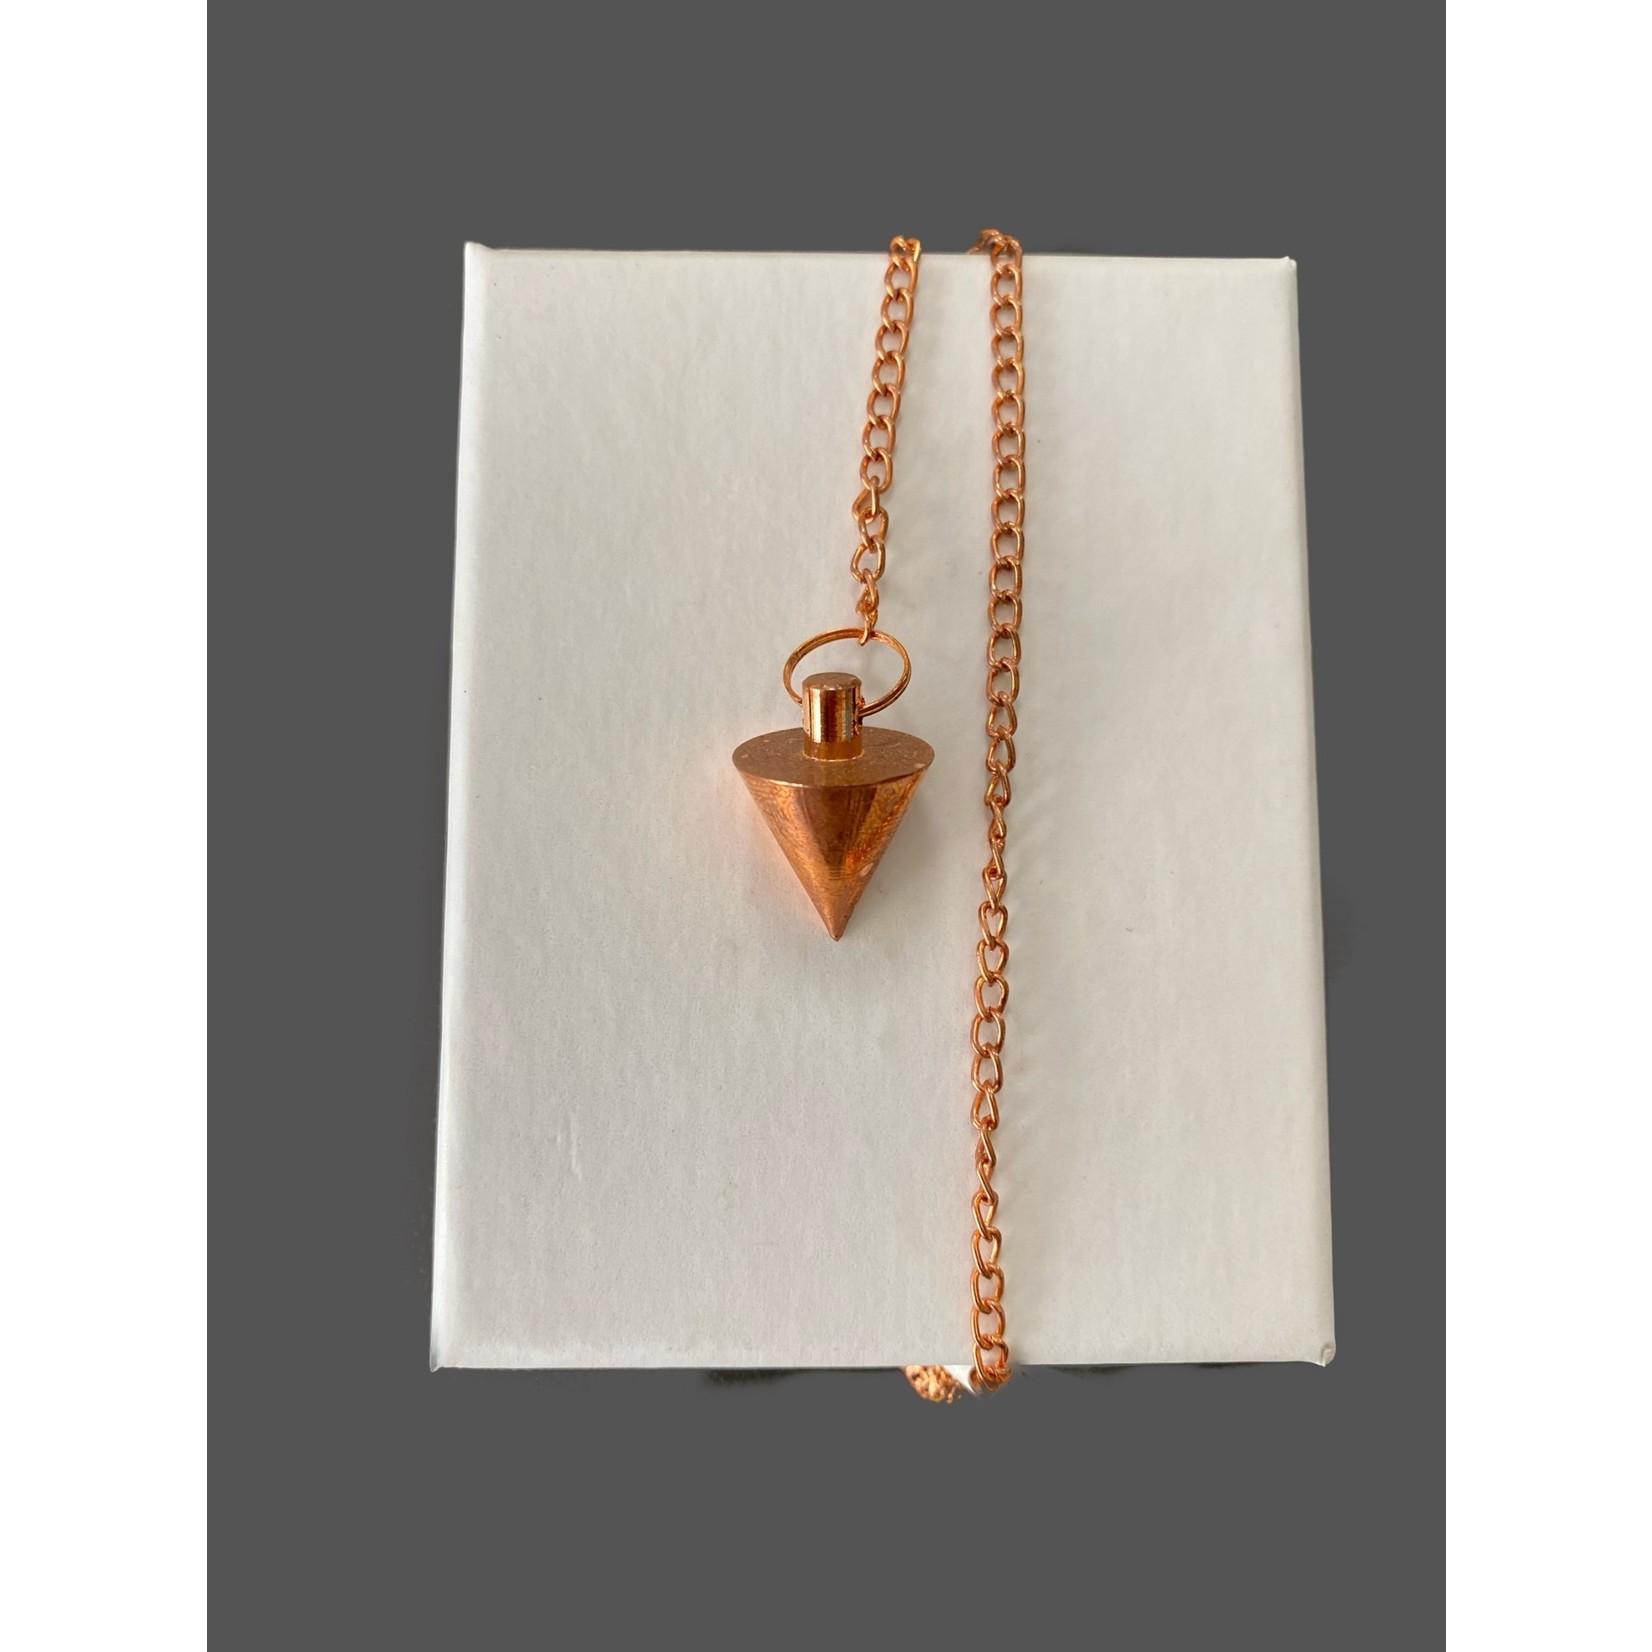 Pendulo cónico metálico peq. cobre